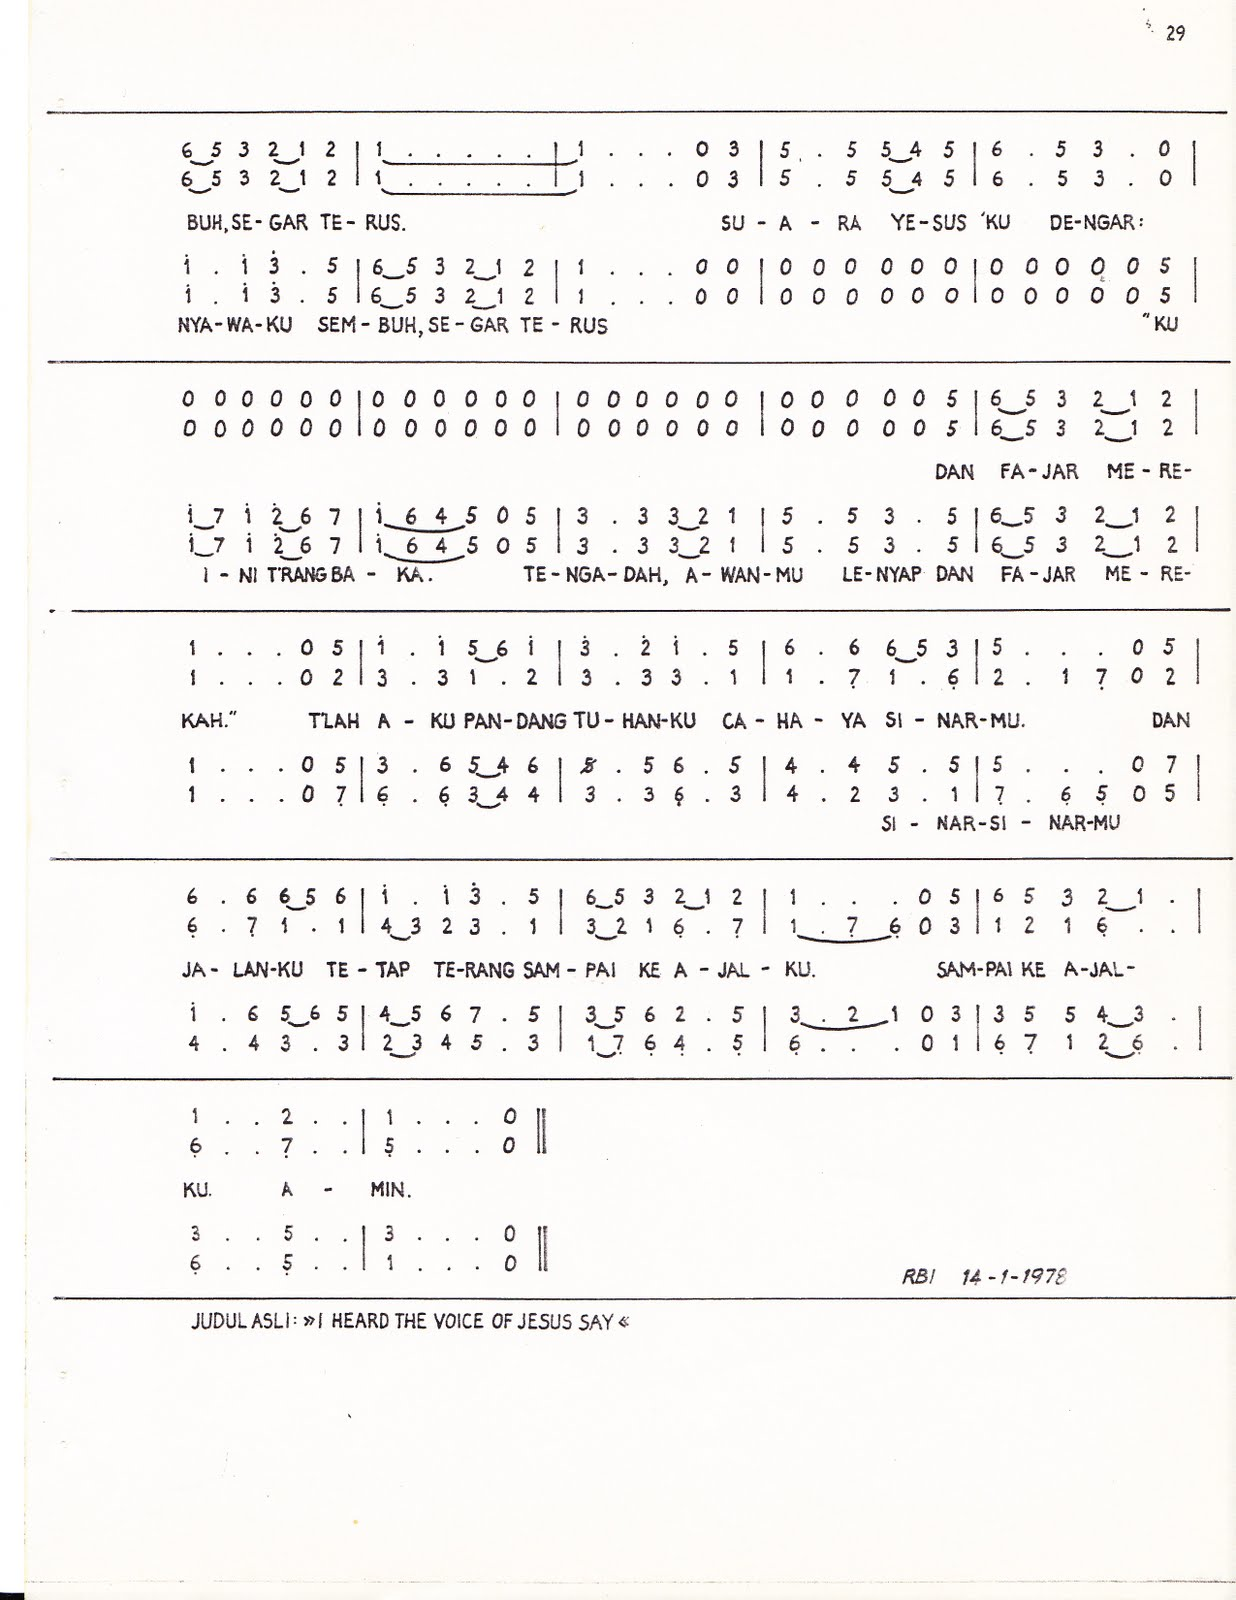 SUARA YESUS KUDENGAR, Lagu rakyat Inggris, Teks: I. S. Kijne